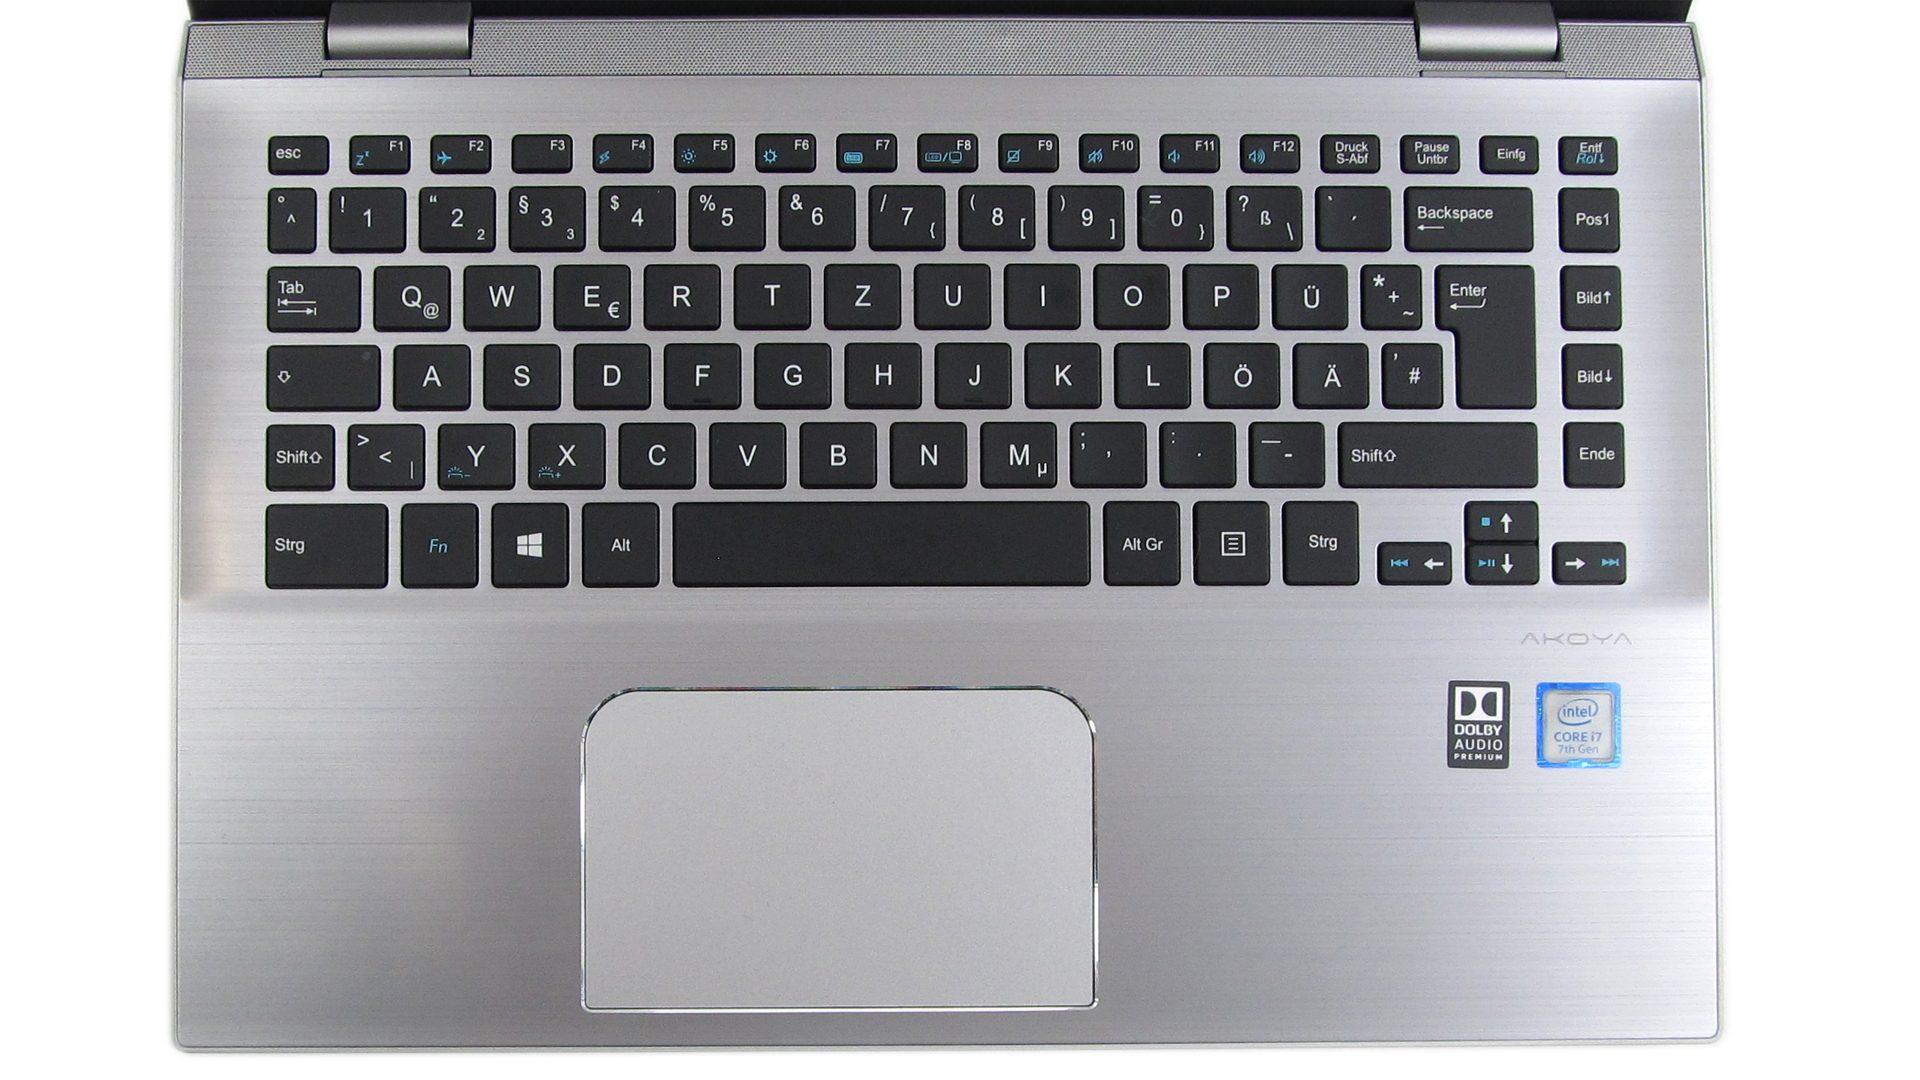 medion-akoya-s3409-md60234-tastatur_1